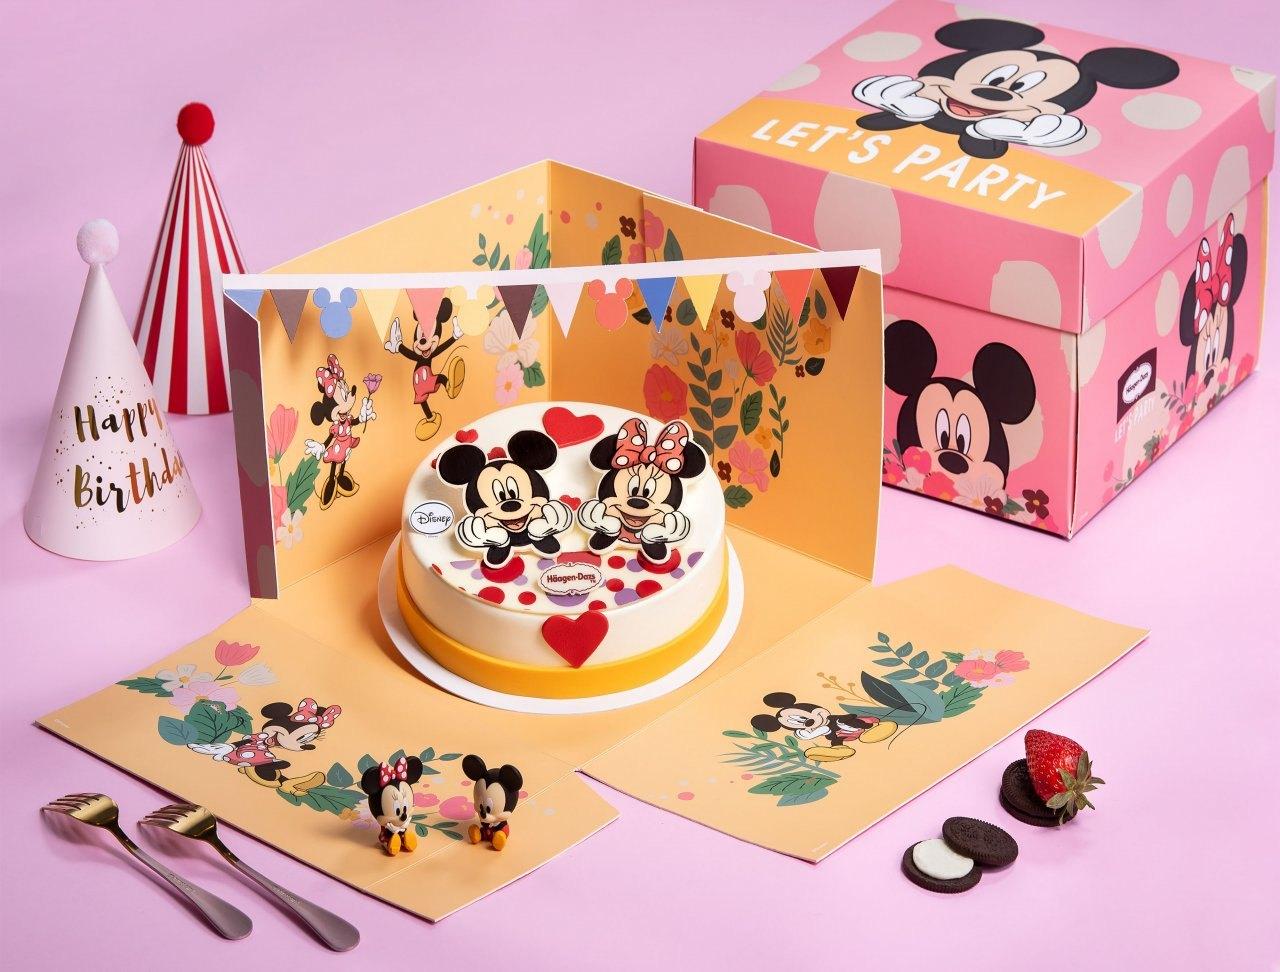 ▲「最喜歡妮」米奇米妮派對組,甜蜜美味的米奇米妮蛋糕與派對小吊旗,為白色情人節浪漫加分!草莓與淇淋巧酥口味的冰淇淋讓節日甜蜜加倍,視覺與味蕾雙重享受!